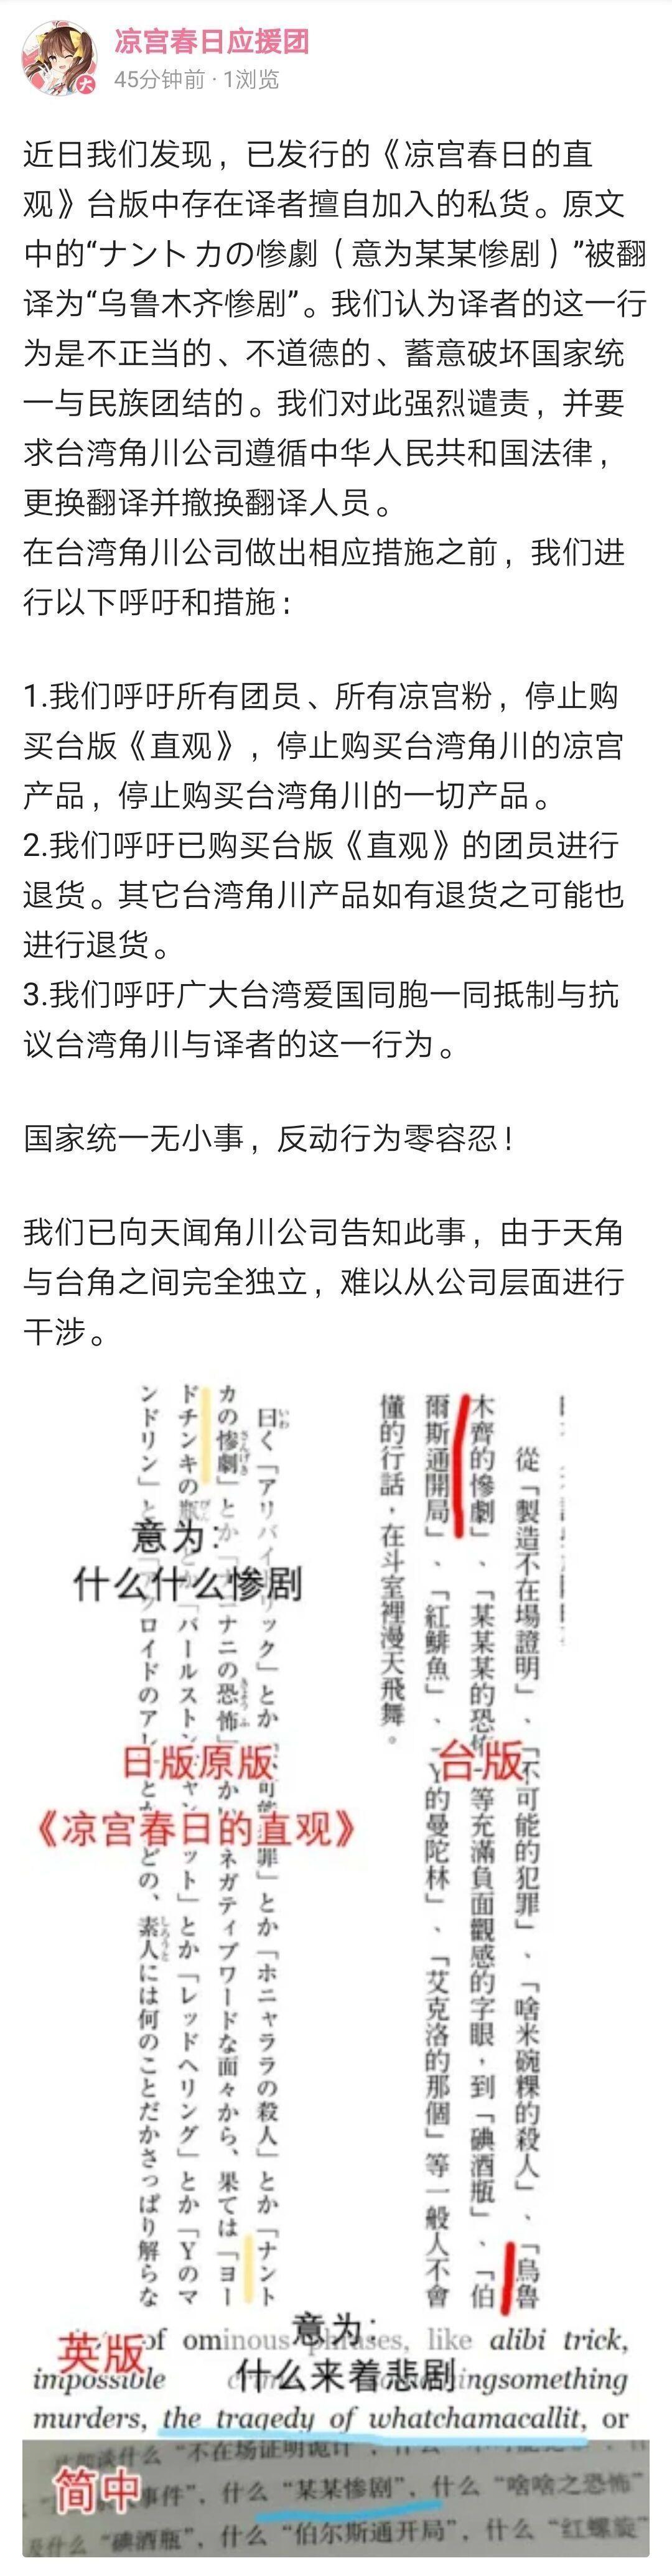 凉宫春日的直观  台版翻译 台湾角川 翻译争议